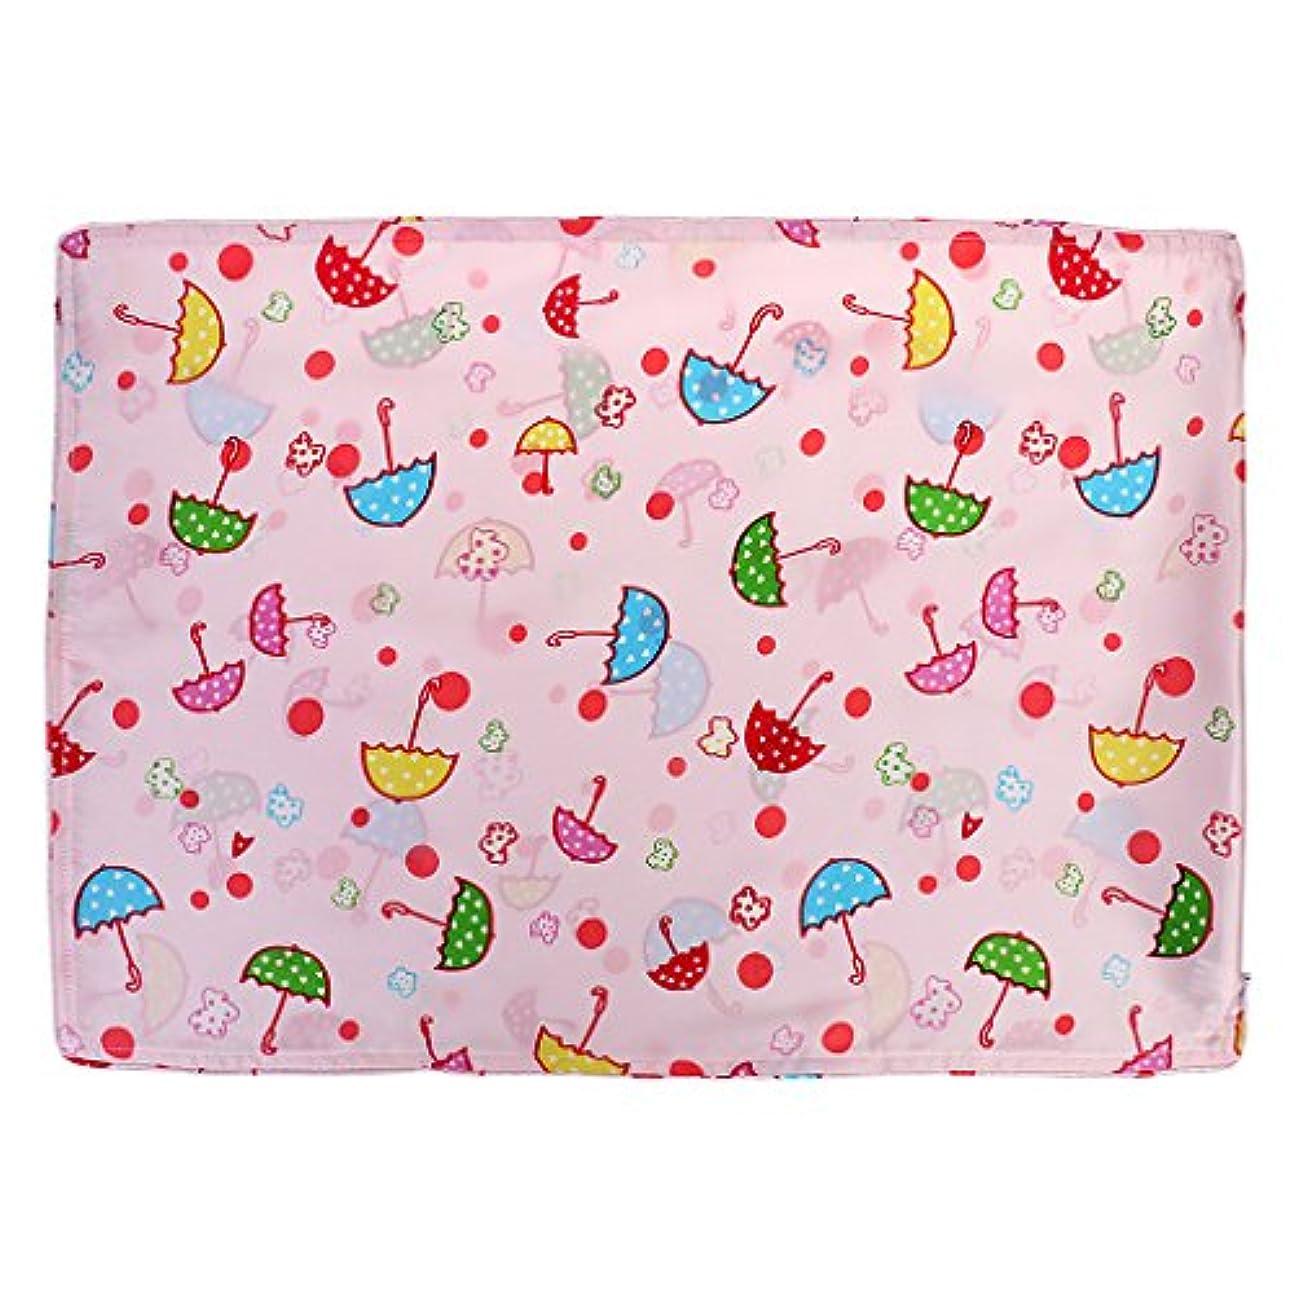 プラスチックフクロウ品揃えかわいい赤ちゃんキッズ100%シルクサテン両面枕カバー30 * 45センチメートル傘ピンク